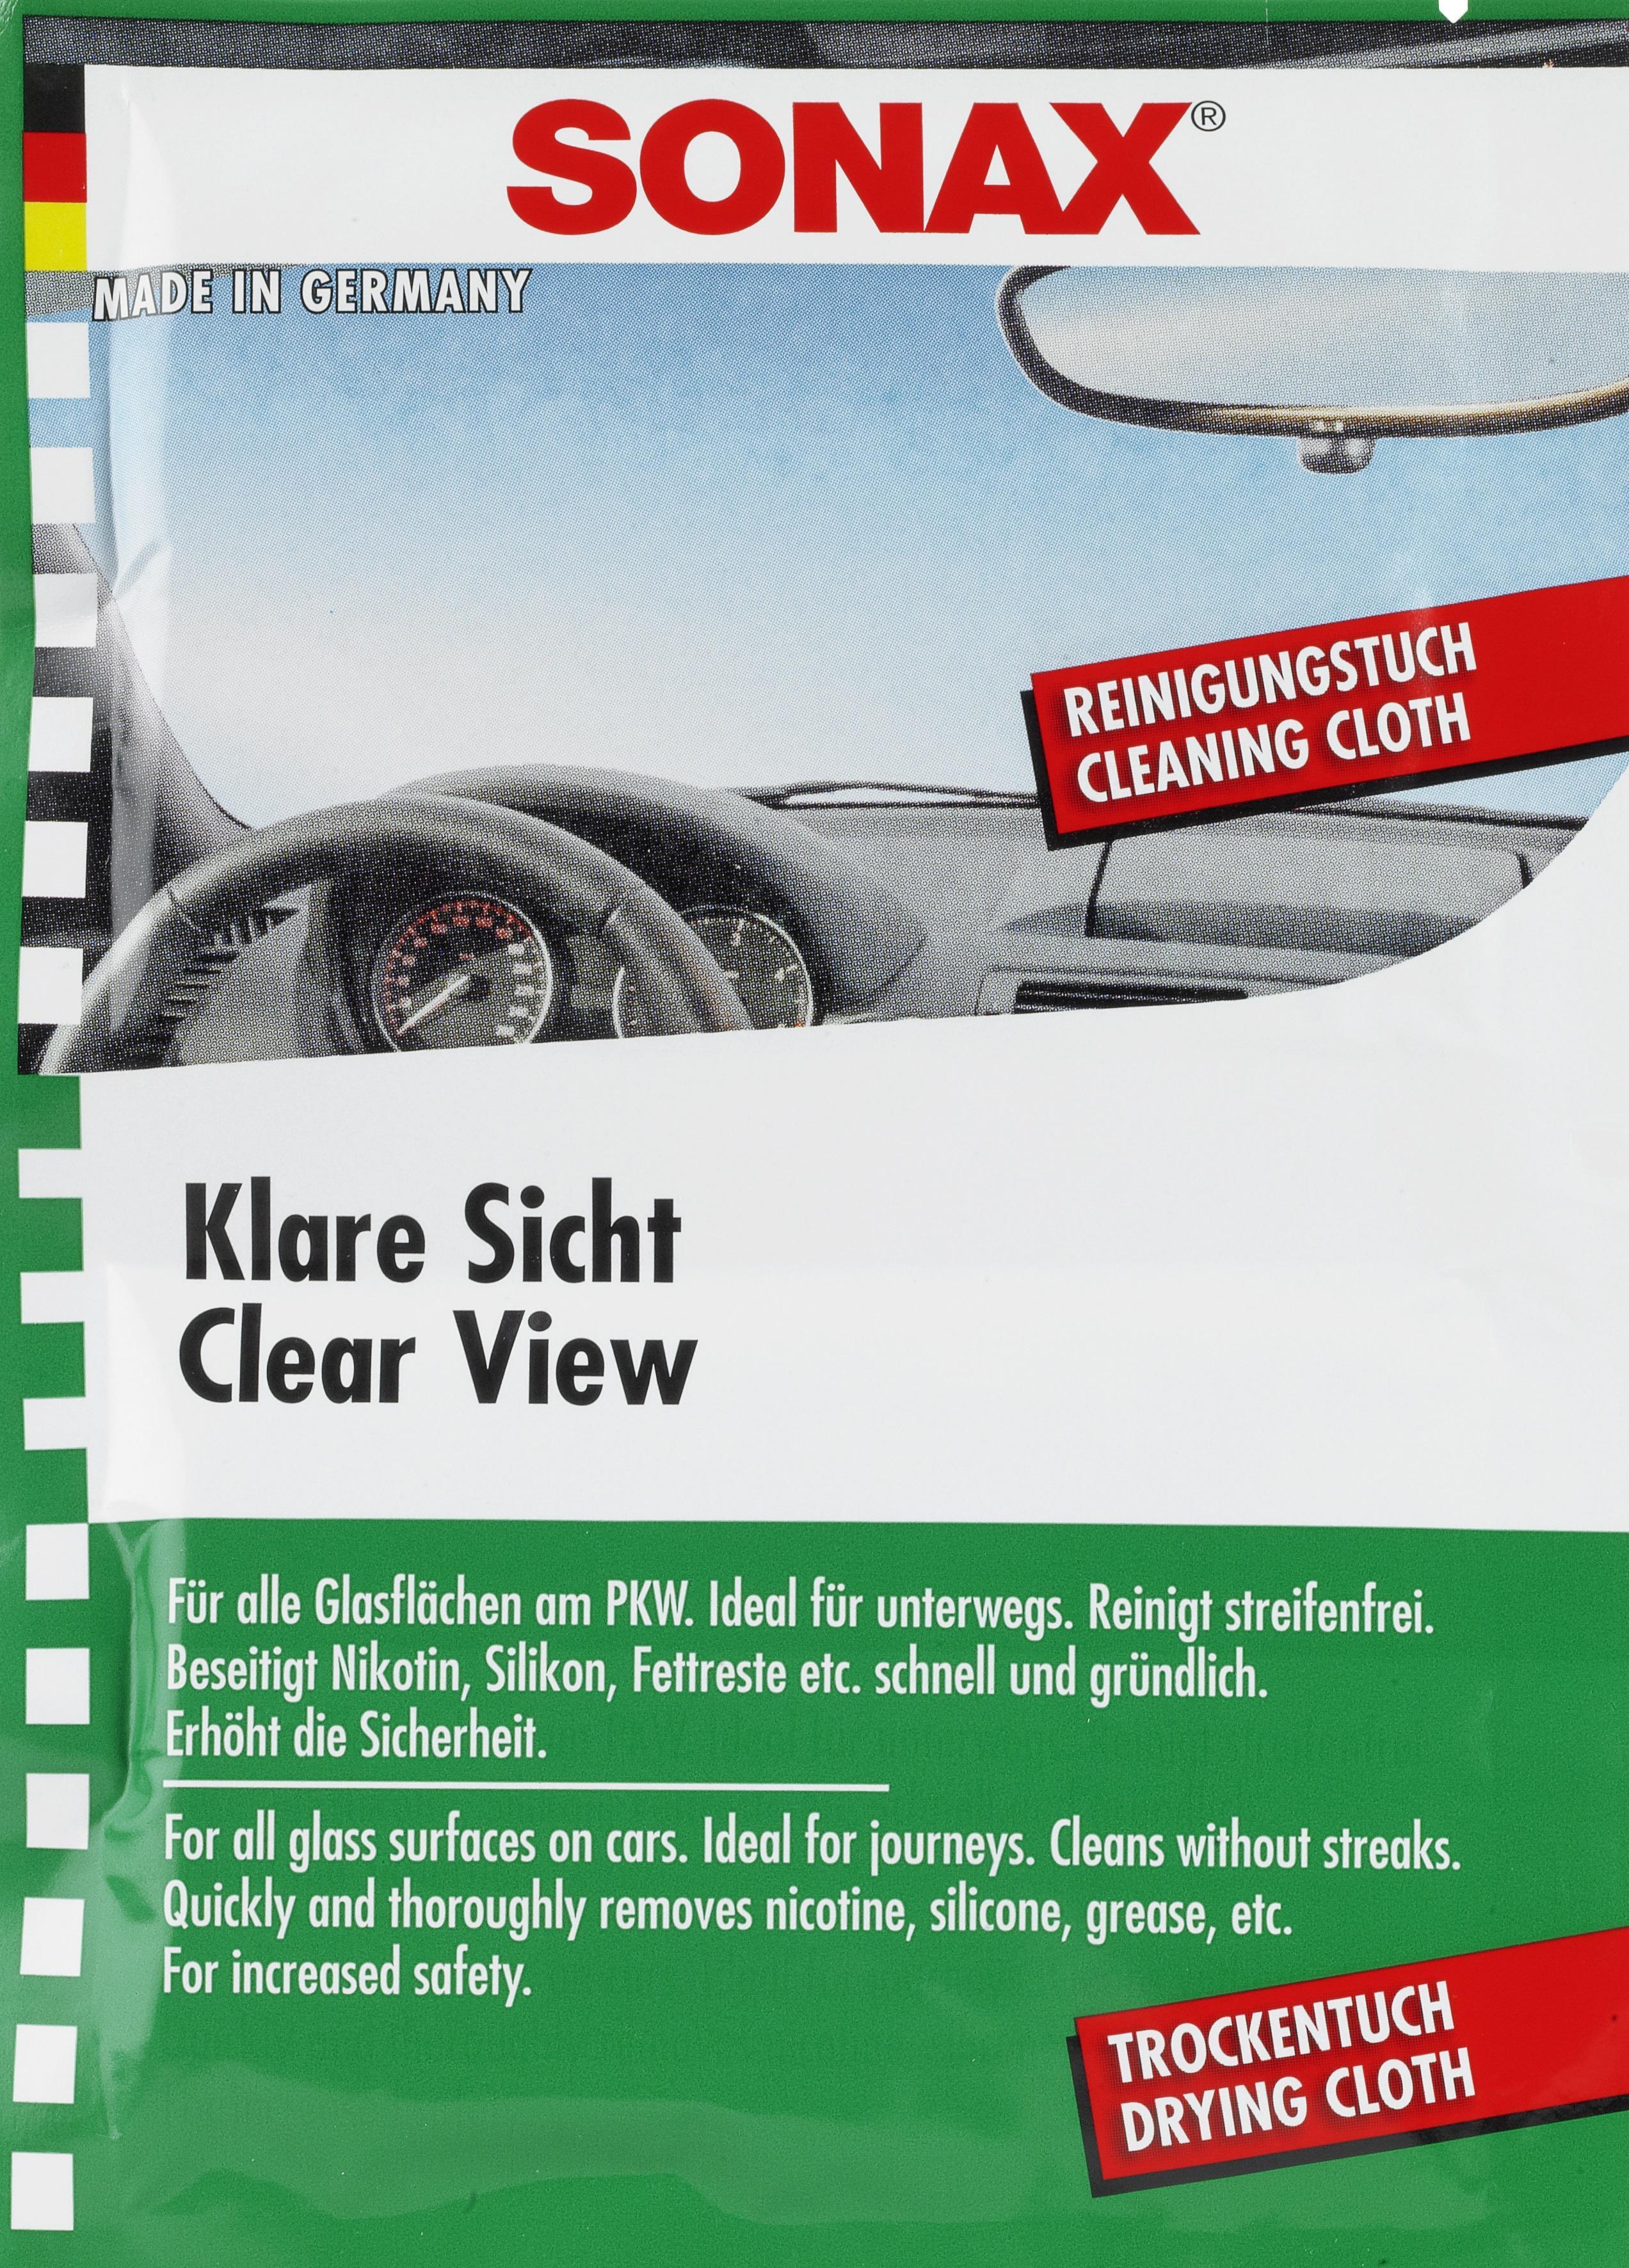 SONAX Clear View 03740000 Şerveţele pentru mâini Înaltime: 170mm, Latime: 6mm